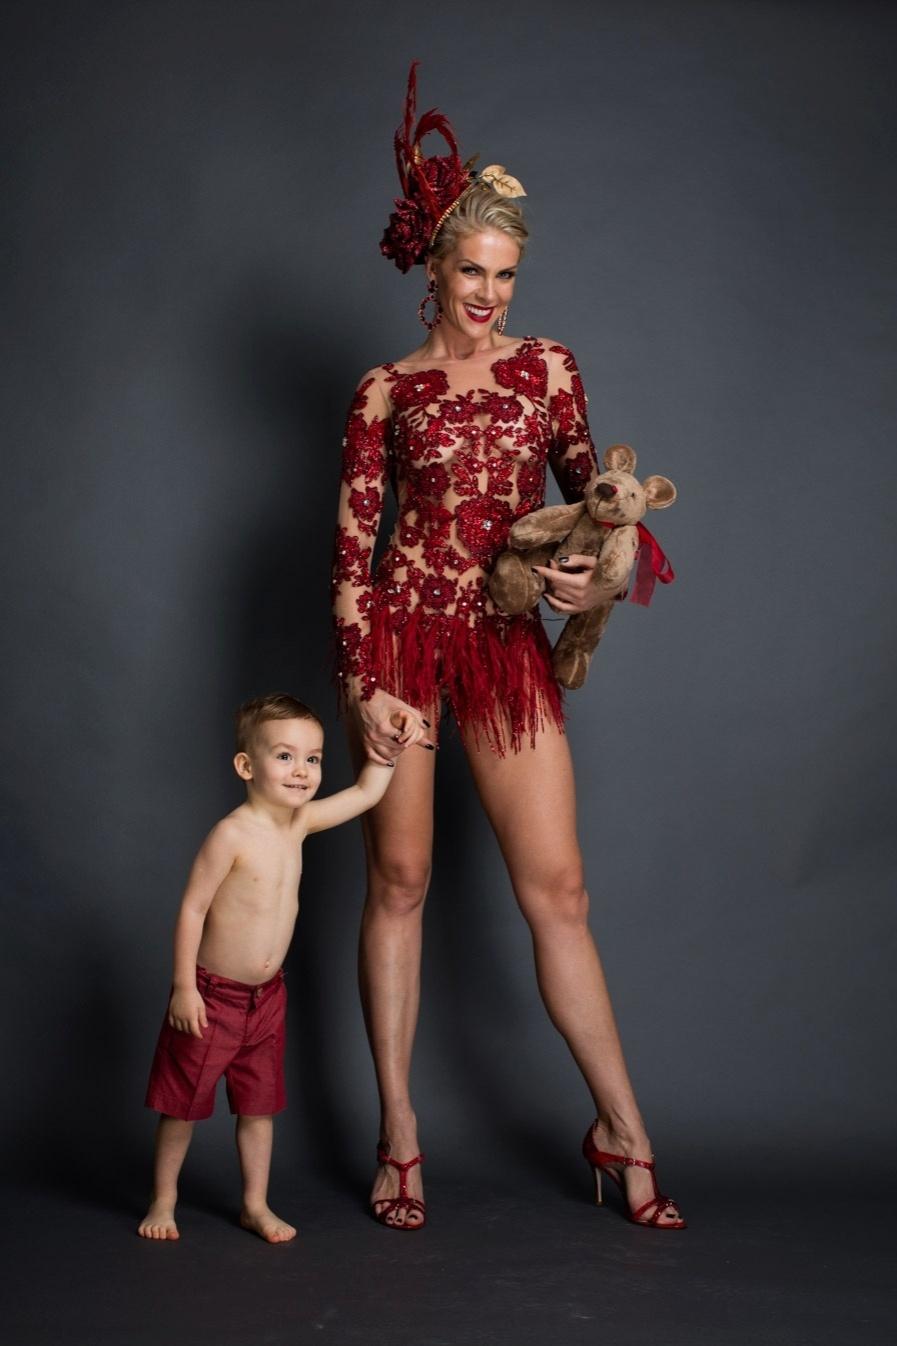 19.jan.2016 - O filhinho de Ana Hickmann, Alexandre Jr., usou uma bermudinha vermelha para acompanhar a mamãe, que será destaque da Grande Rio, sambando no chão à frente do abre-alas